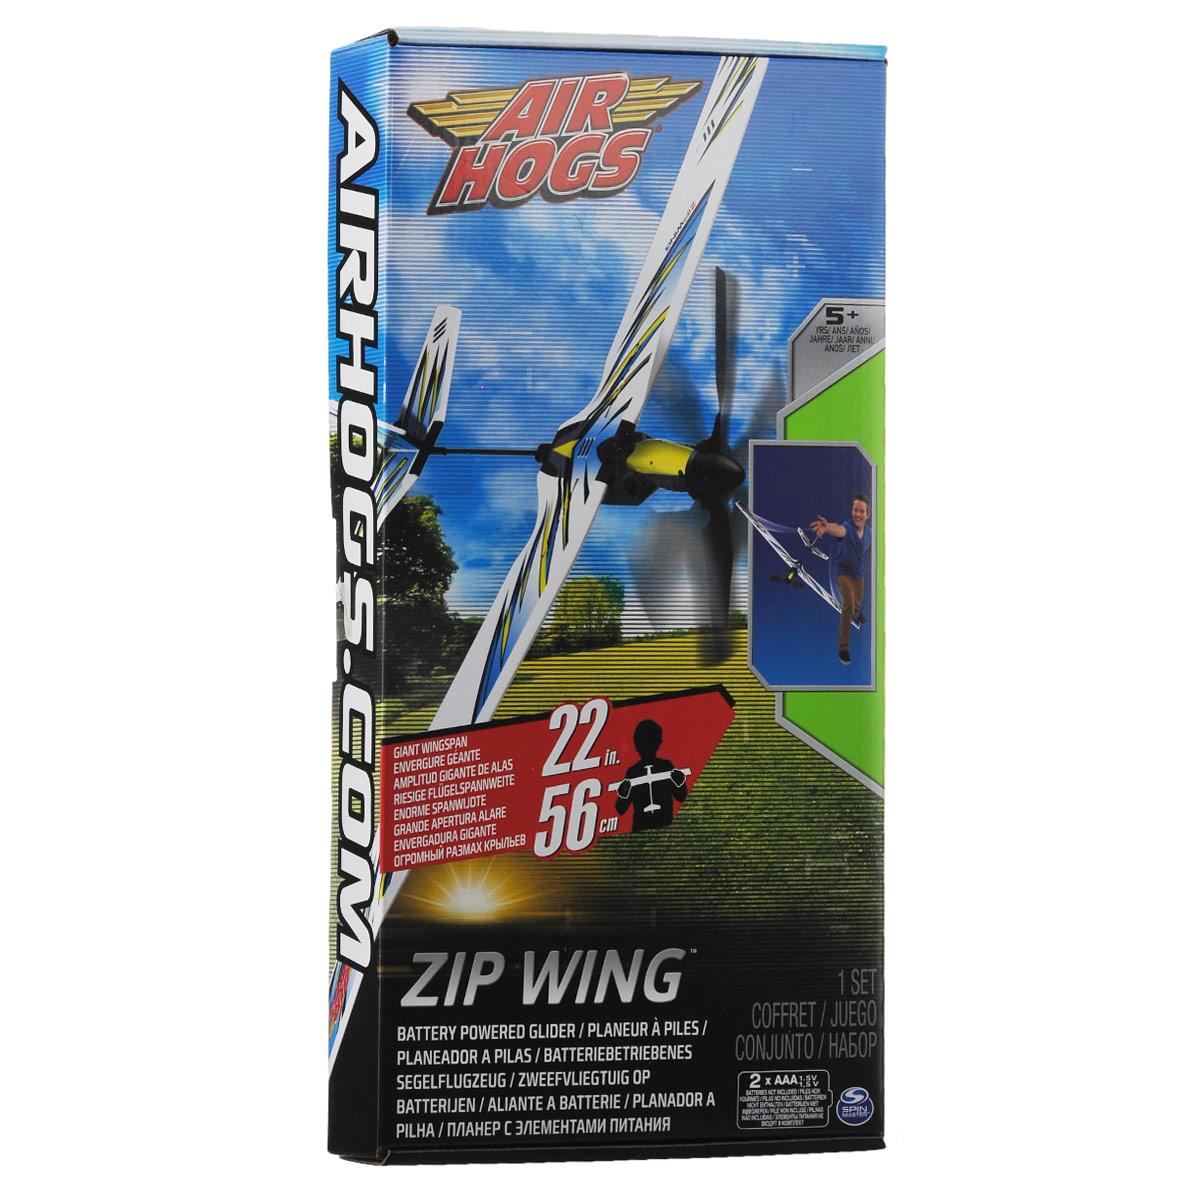 Игрушка Air Hogs Планер с моторчиком Zip Wing, цвет: желтый, голубой44467Легкий планер Air Hogs, выполненный из легких материалов, предназначен для увлекательной игры на улице. Его аэродинамическая конструкция и большие крылья позволяют ему плавно лавировать в потоках воздуха и совершать крутые маневры. Планер запускается с руки, для активации пропеллера необходимо нажать кнопку рядом с кабиной. Через 12 секунд планер включится и будет готов к запуску. Дальность полета зависит от угла запуска и силы ветра, максимальное расстояние - 22 метра.